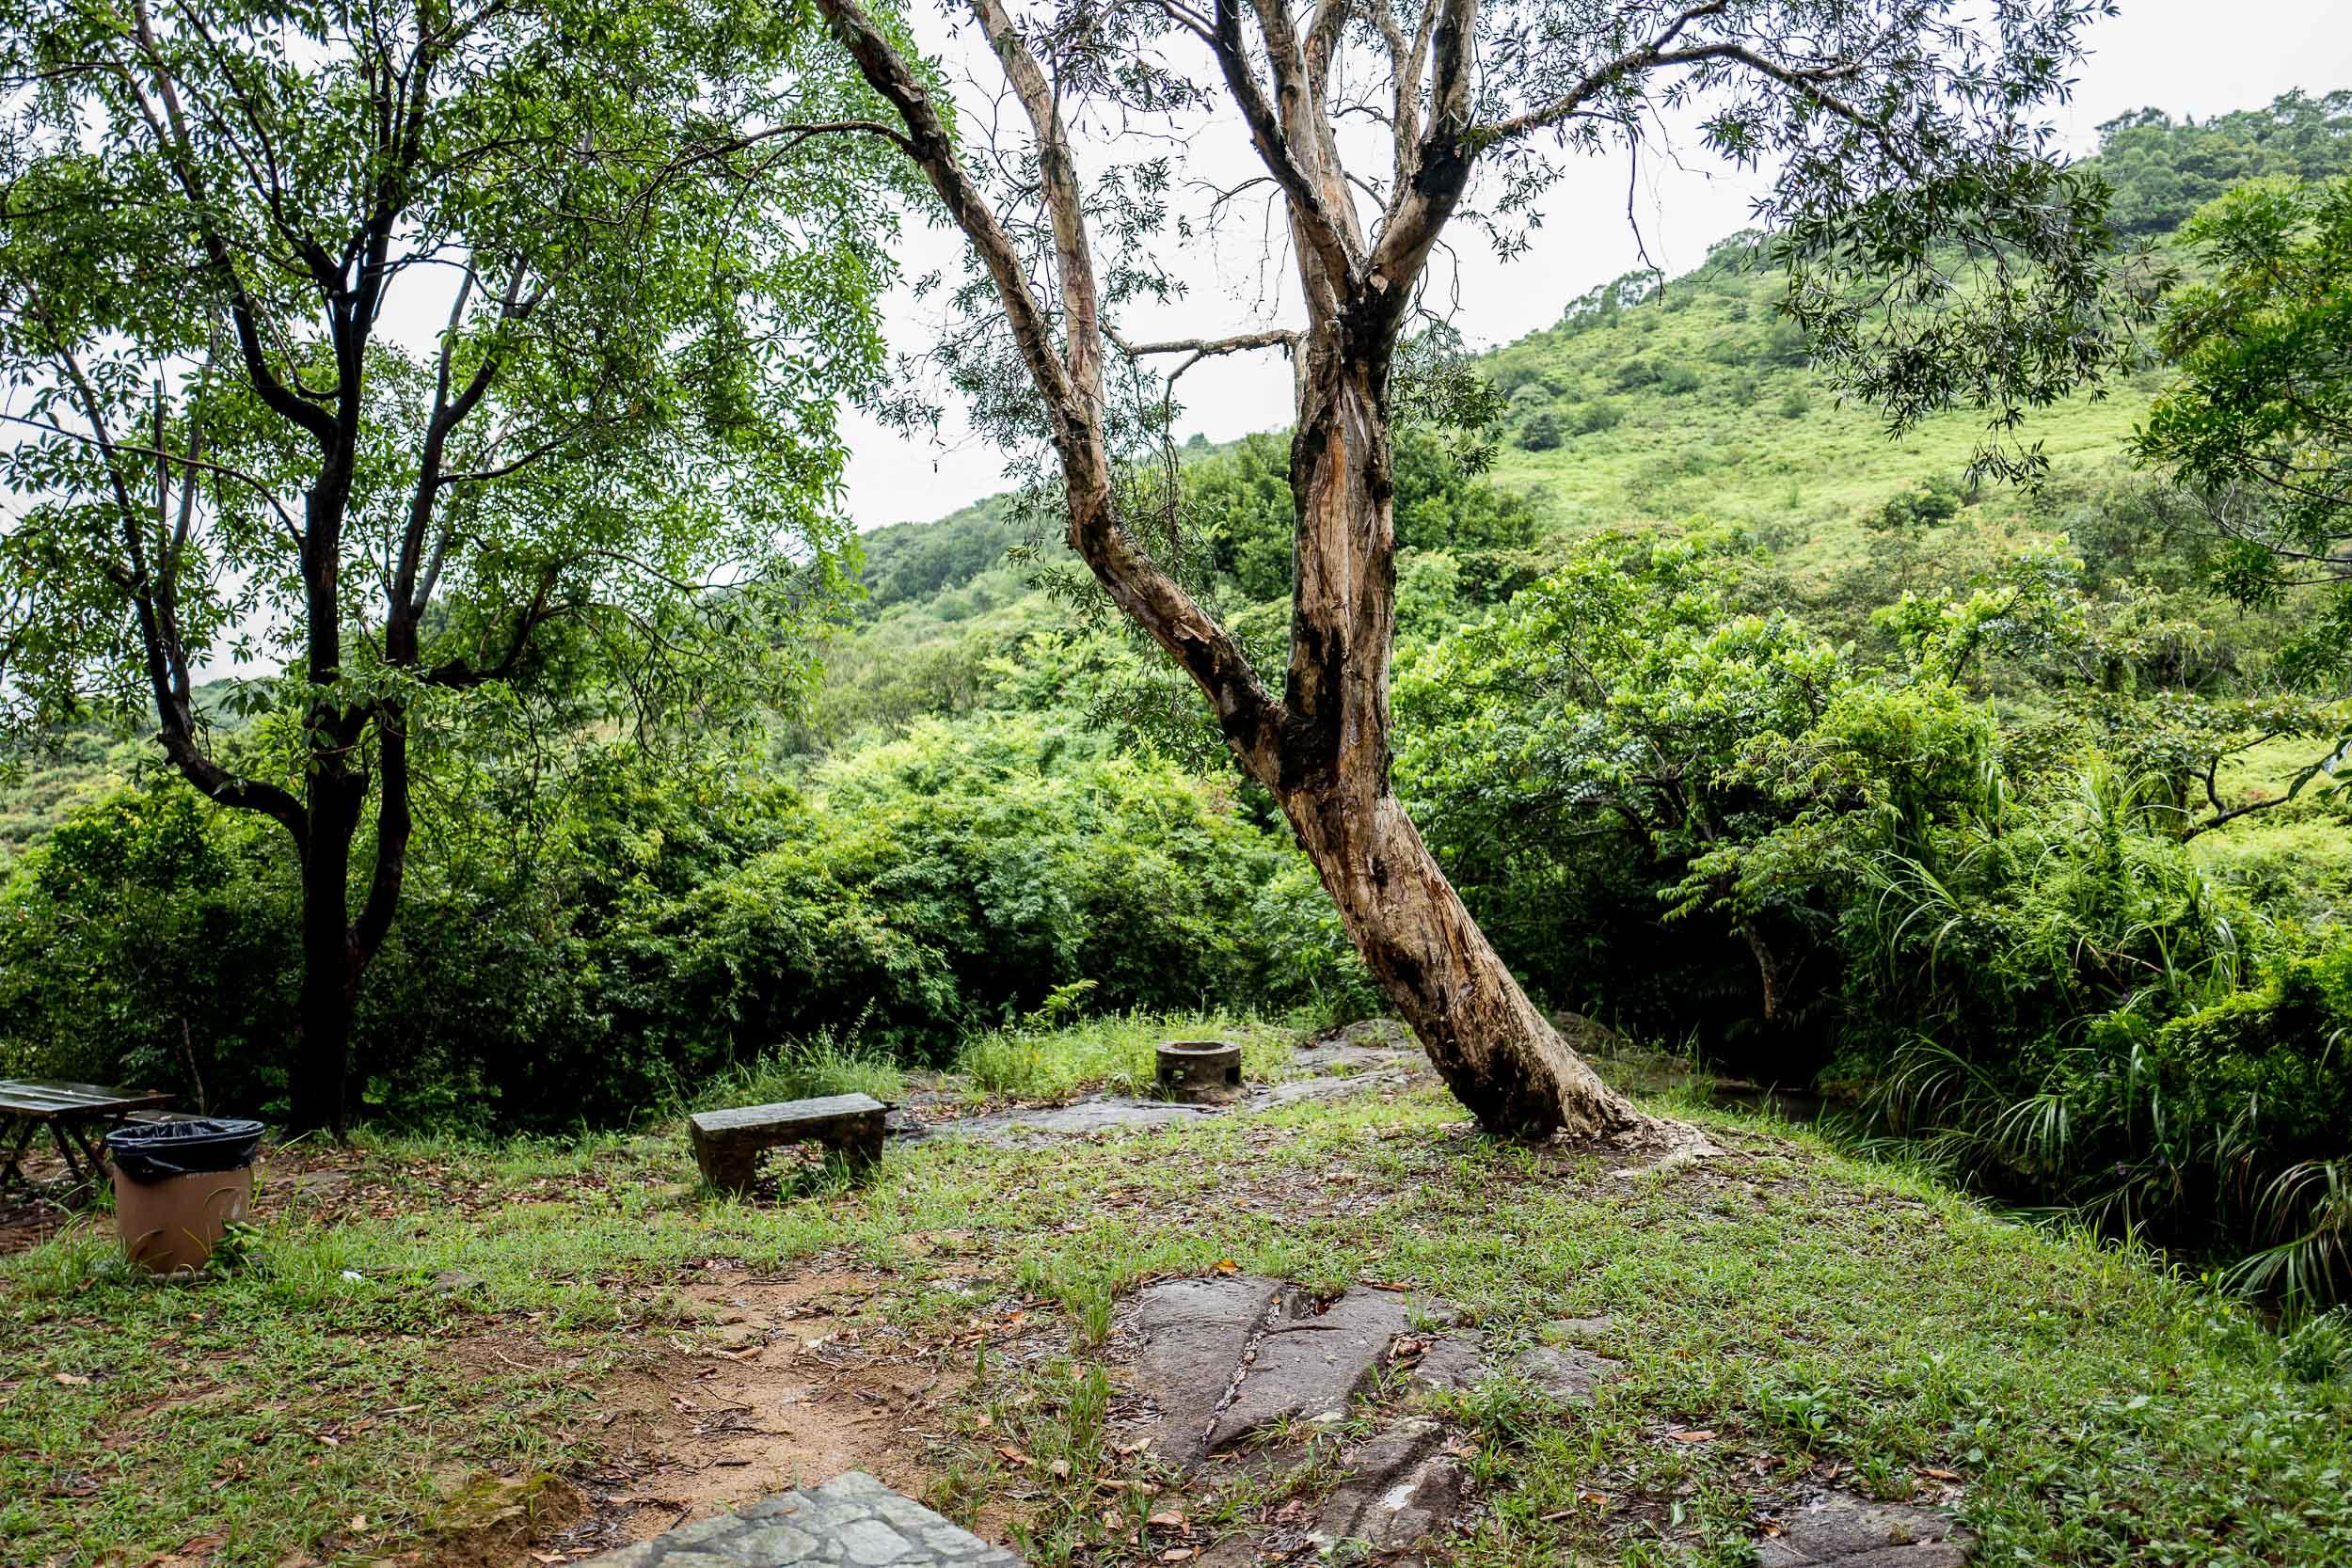 pak-fu-tin-campsite-lantau-hong-kong (58 of 123).jpg